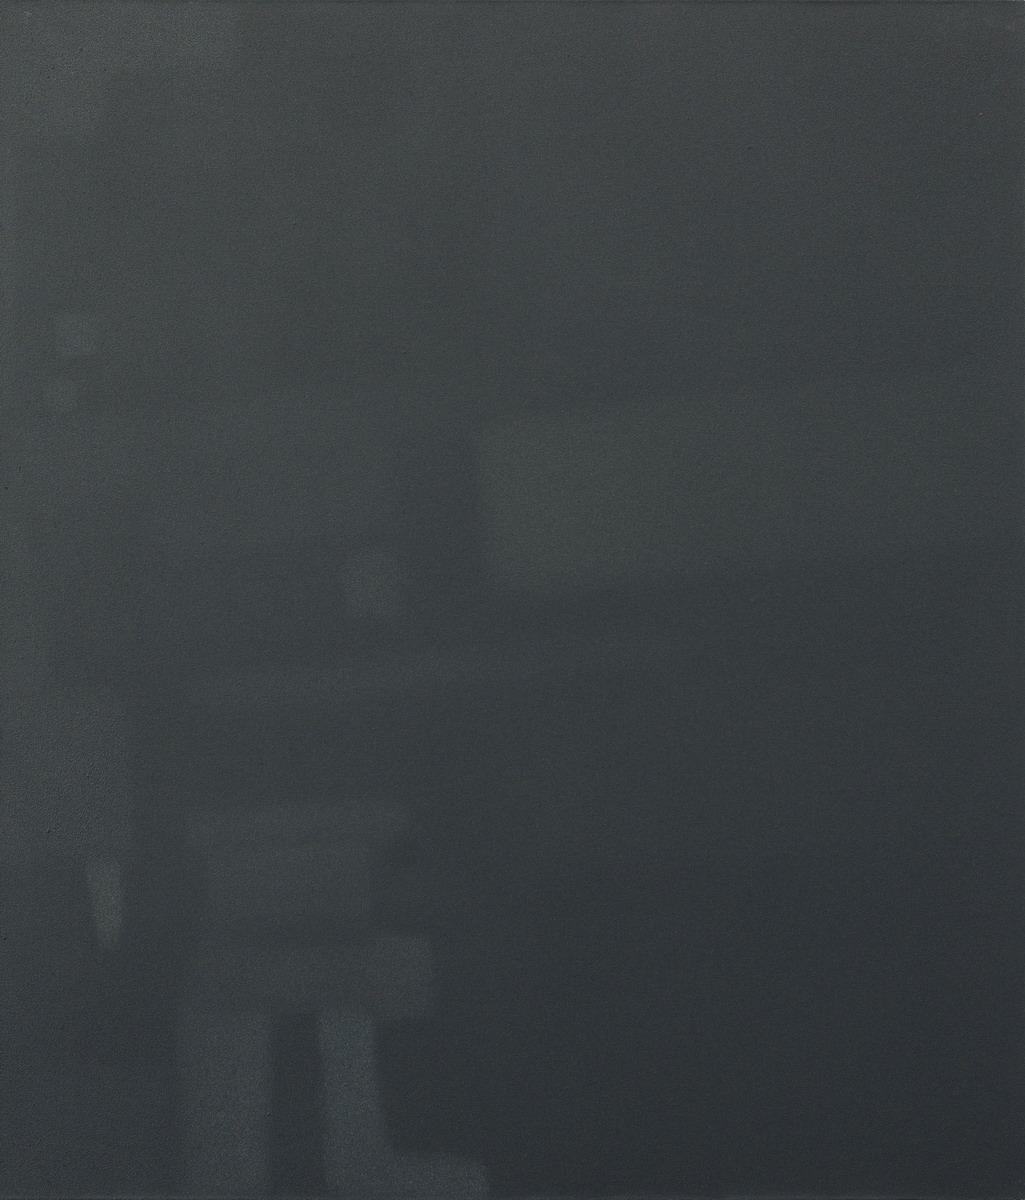 Camera obscura 5, olej na plotnie, 70 x 60 cm, 2017_resize